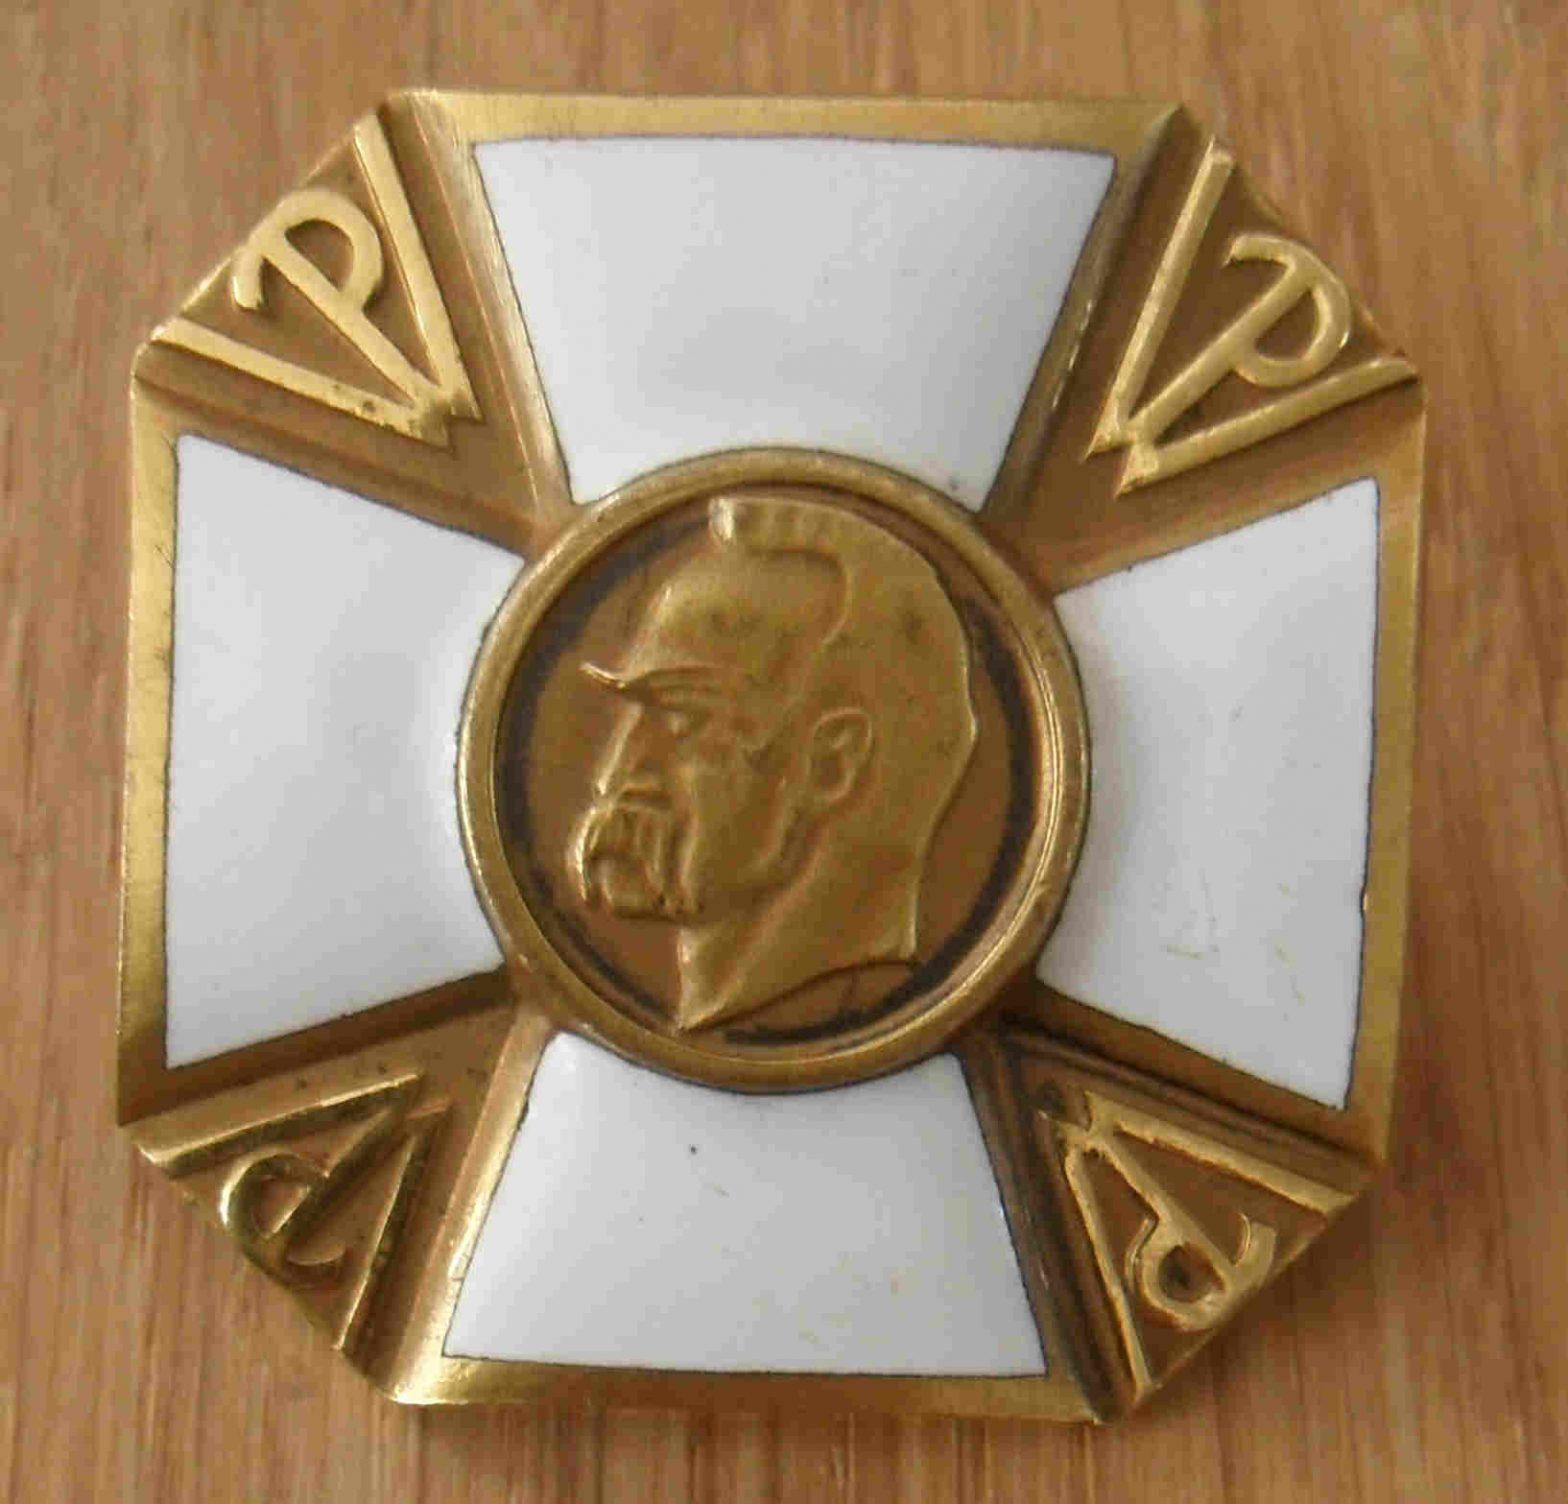 Zdjęcie Komendanckiej Odznaki Przysposobienia Wojskowego